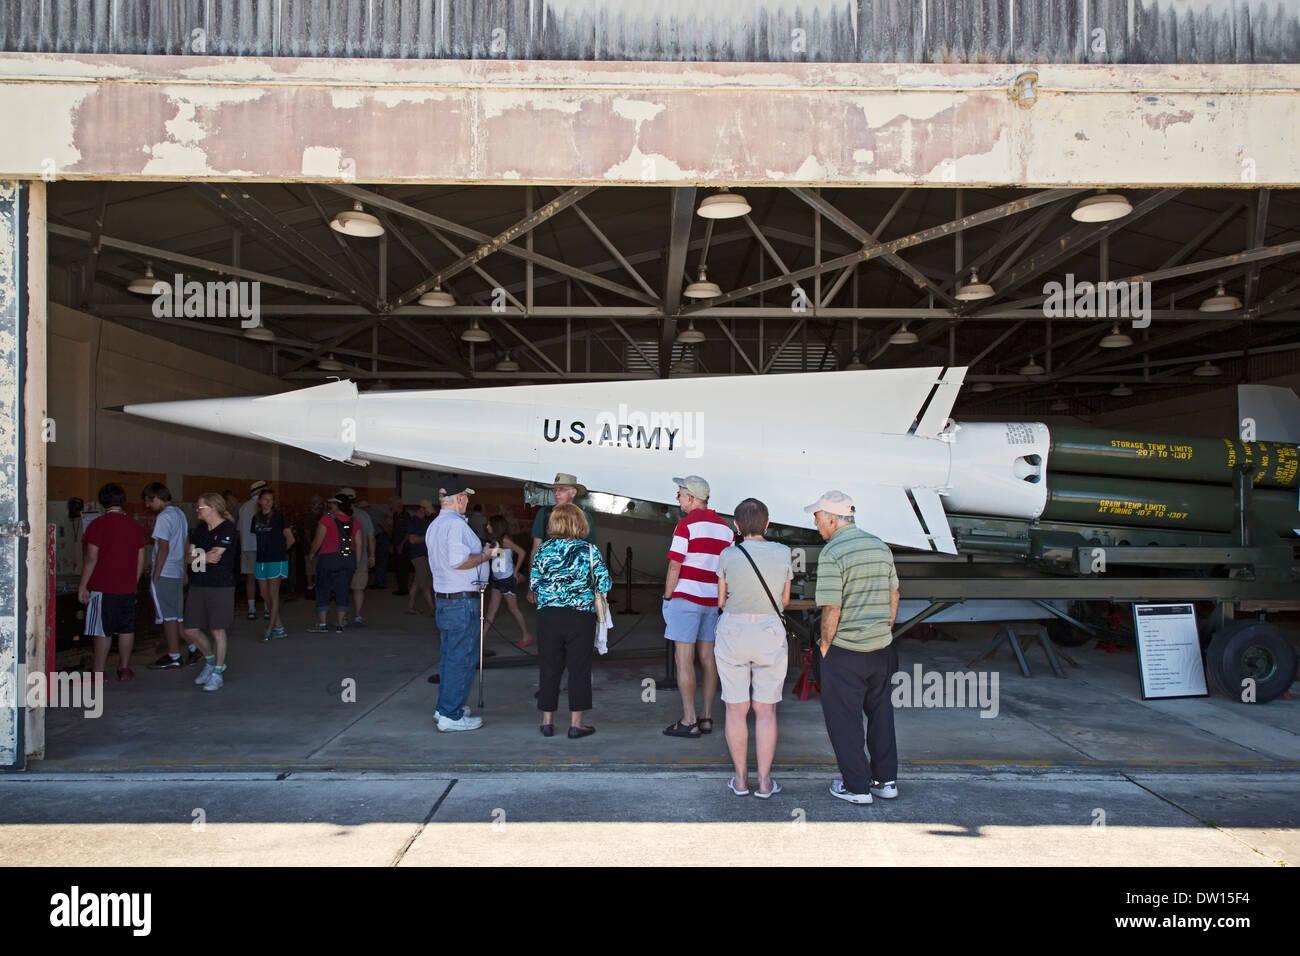 El Parque Nacional Everglades, Florida - Nike Hercules histórico sitio de misiles antiaéreos utilizados durante la guerra fría. Imagen De Stock